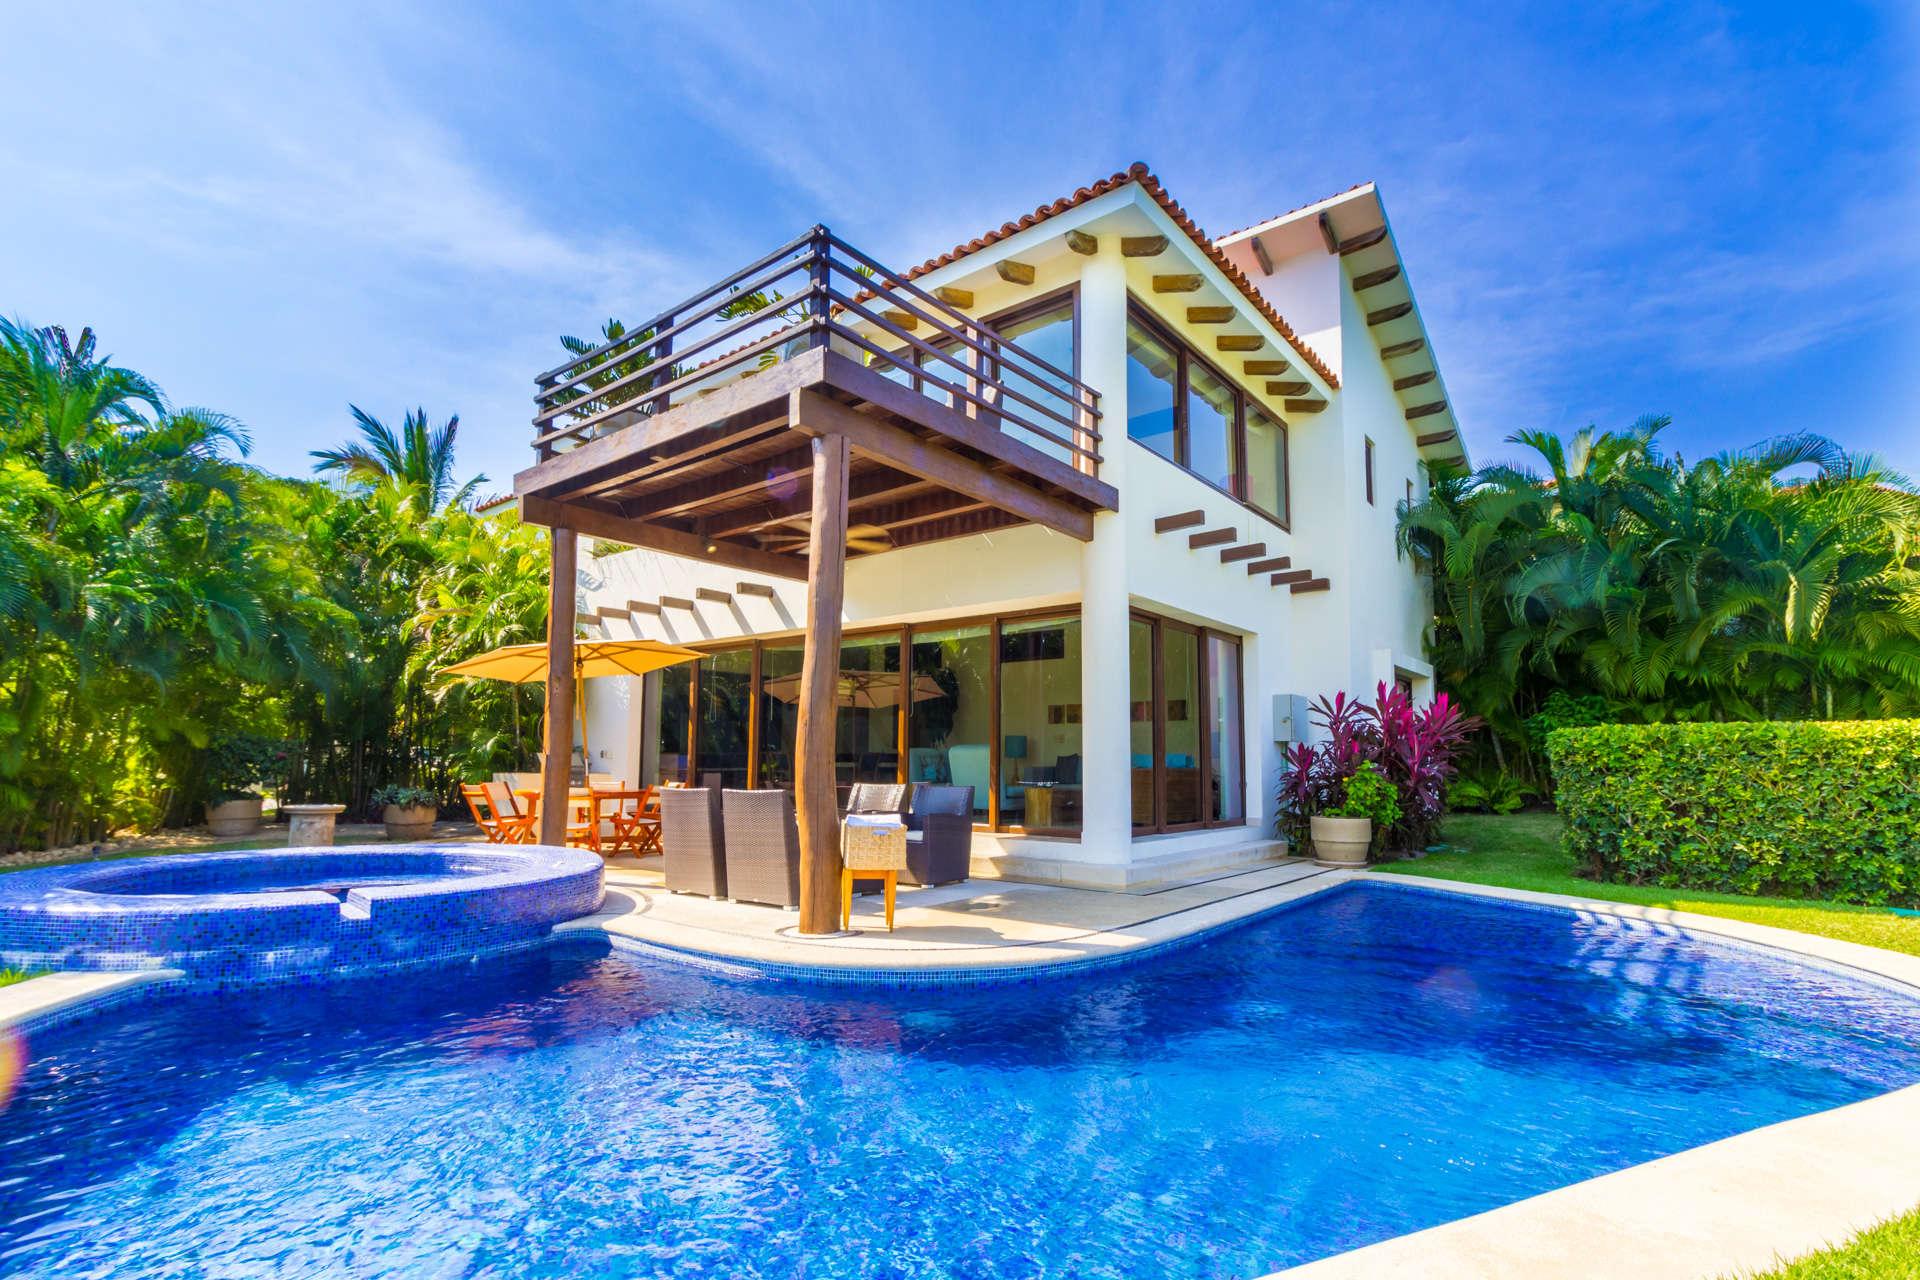 Luxury vacation rentals mexico - Punta mita - La serenata - No location 4 - Casa Los Suenos 2 - Image 1/24